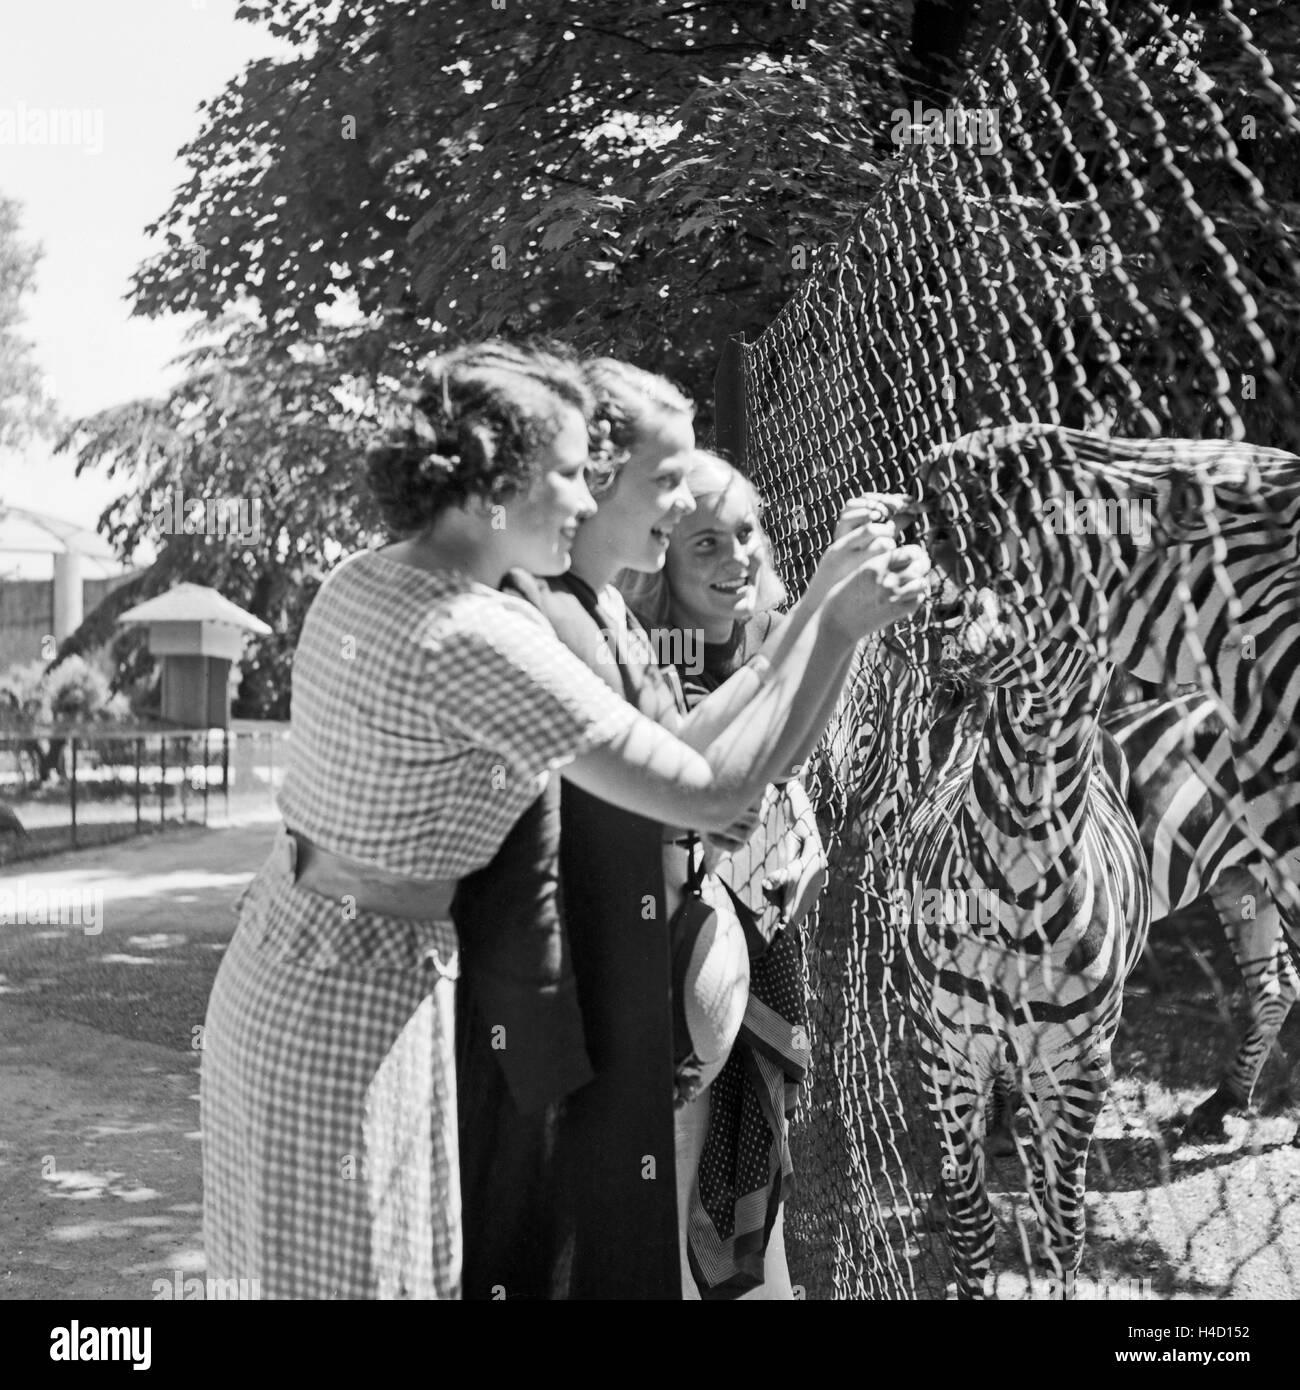 Drei Junge Frauen bin Zebragehege Im Wilhelma Tierpark in Stuttgart, Deutschland, 1930er Jahre. Drei junge Frauen Stockbild